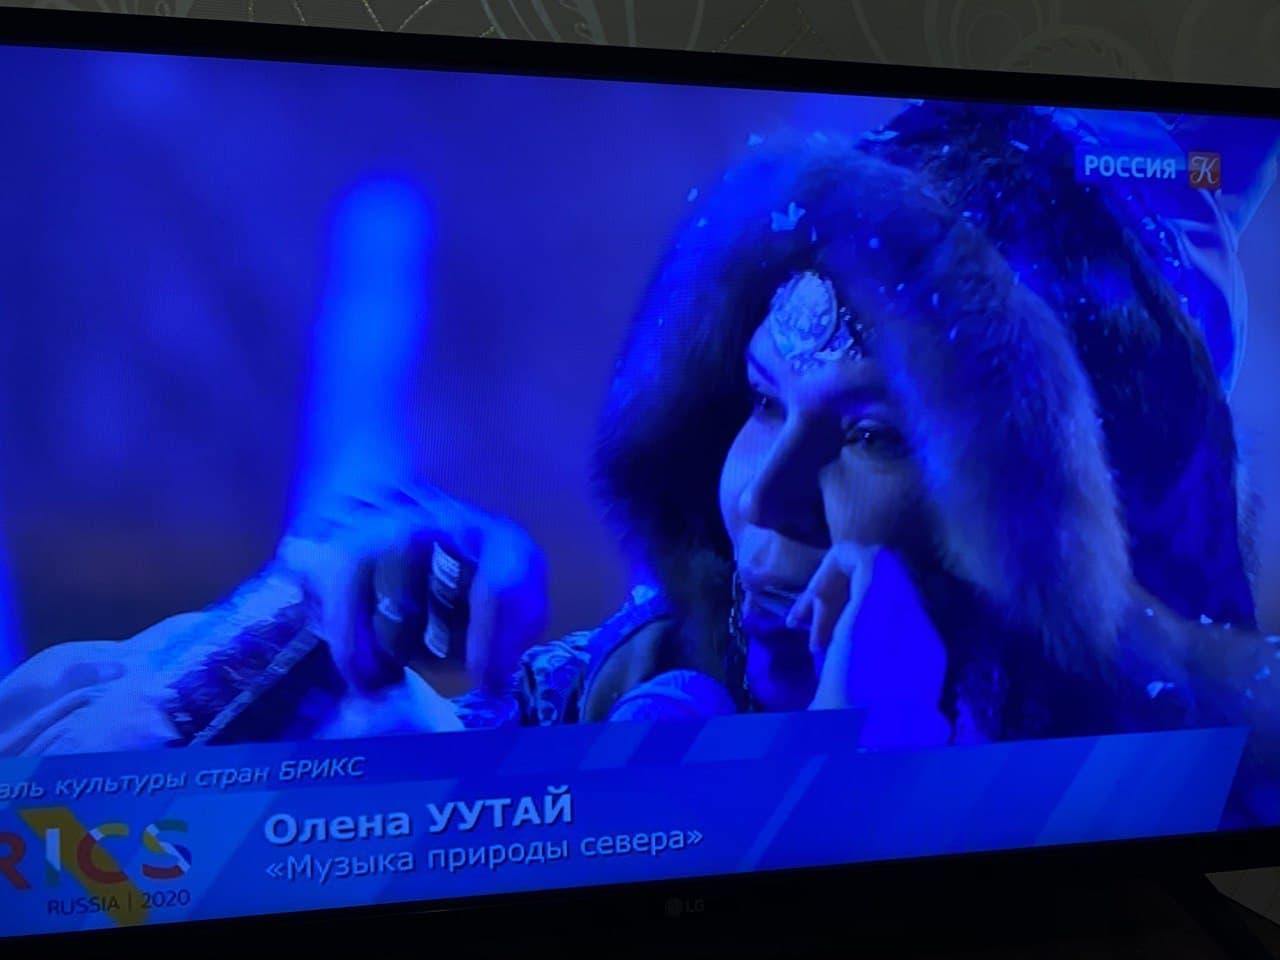 Олена Подлужная - Уутай выступила на международном фестивале культуры стран БРИКС